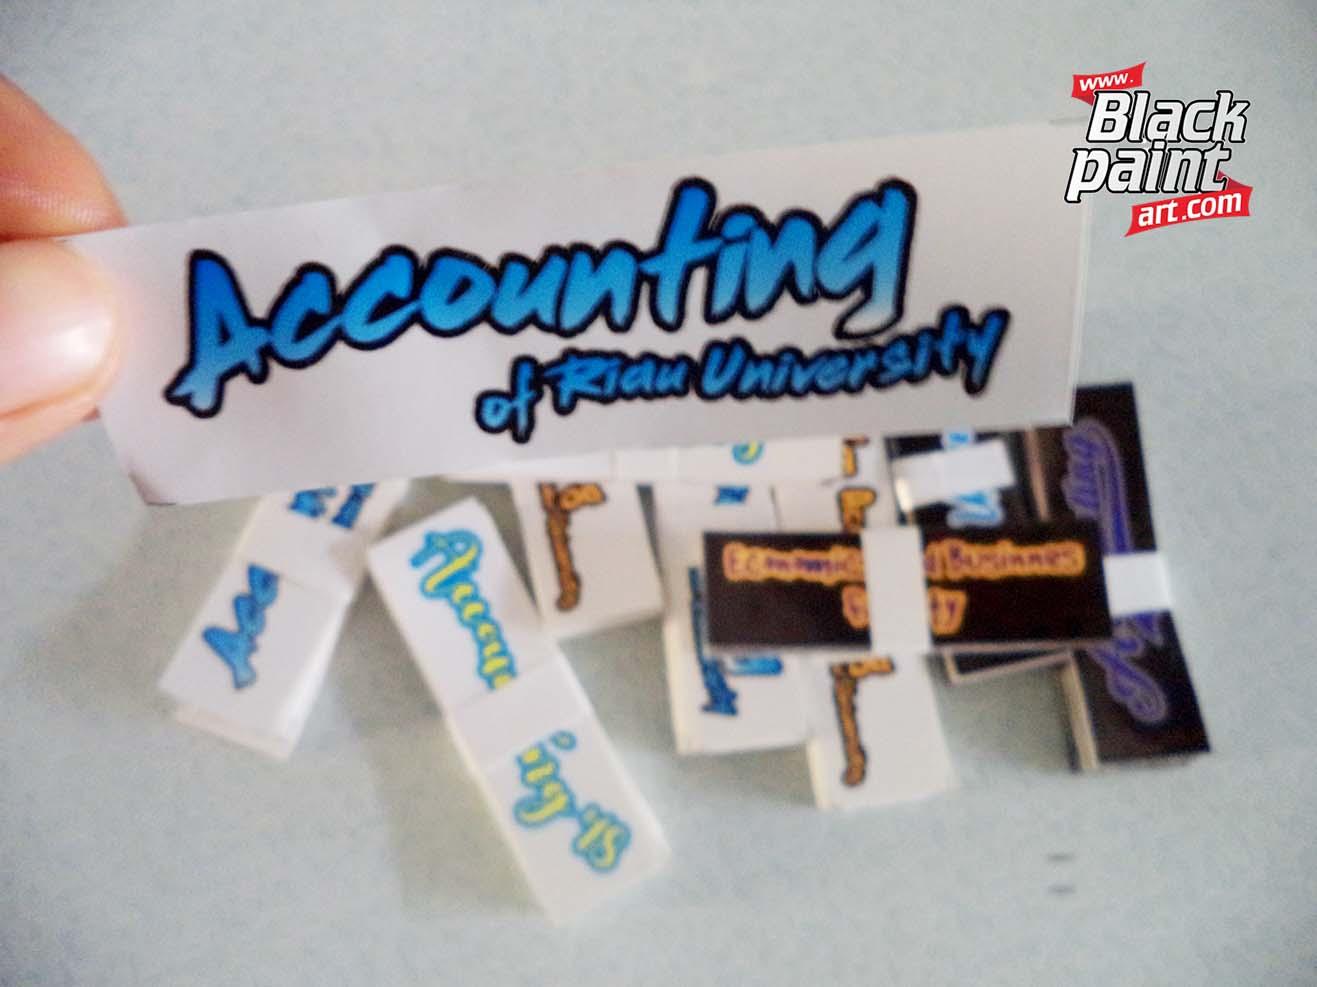 331 cetak sticker pekanbaru.jpg